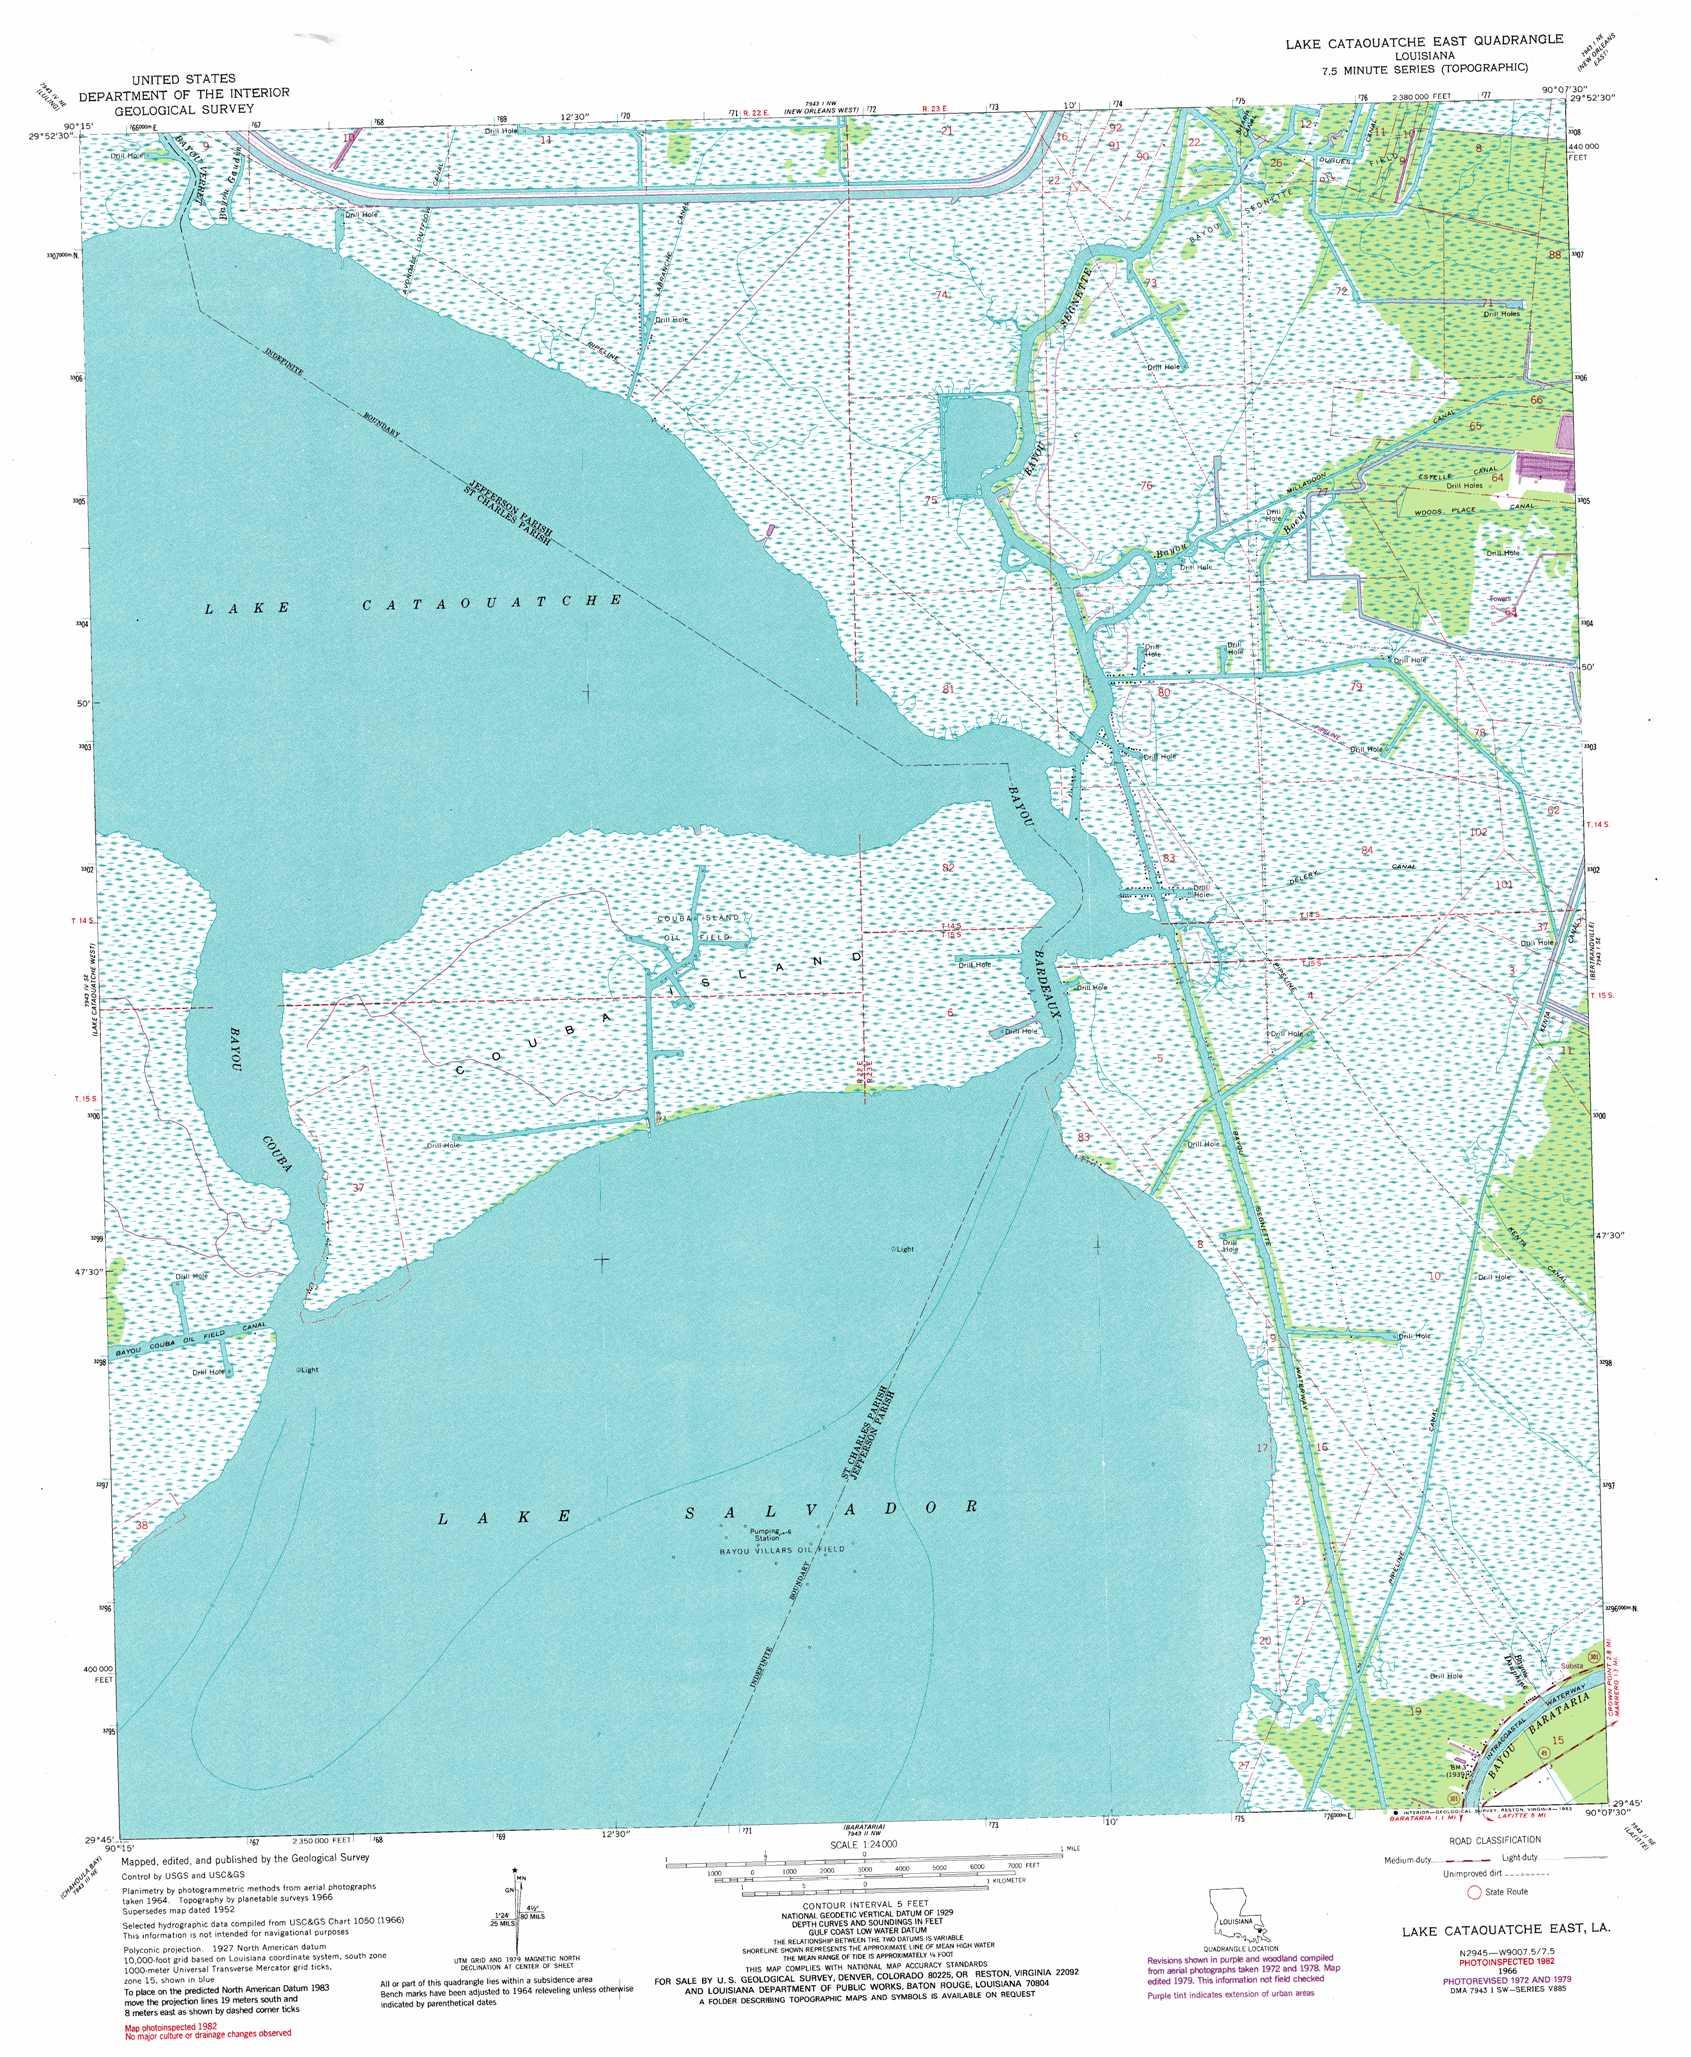 Map Of Louisiana Lakes Swimnovacom - Louisiana lakes map